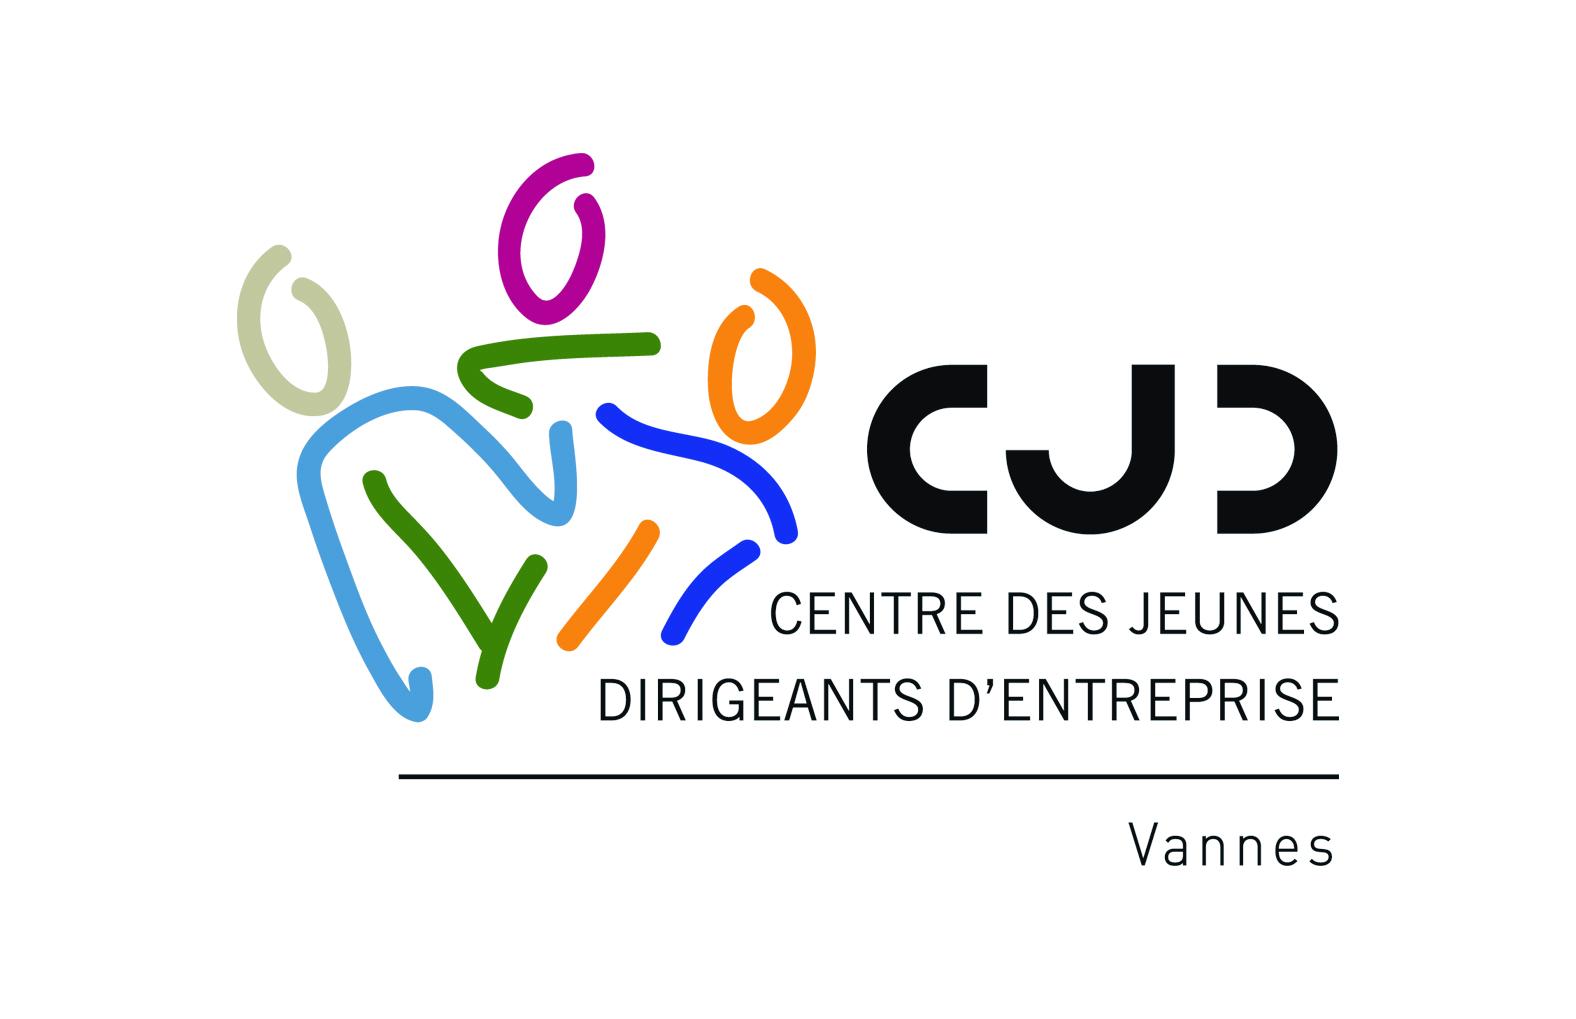 logo-cjd2012_vannes